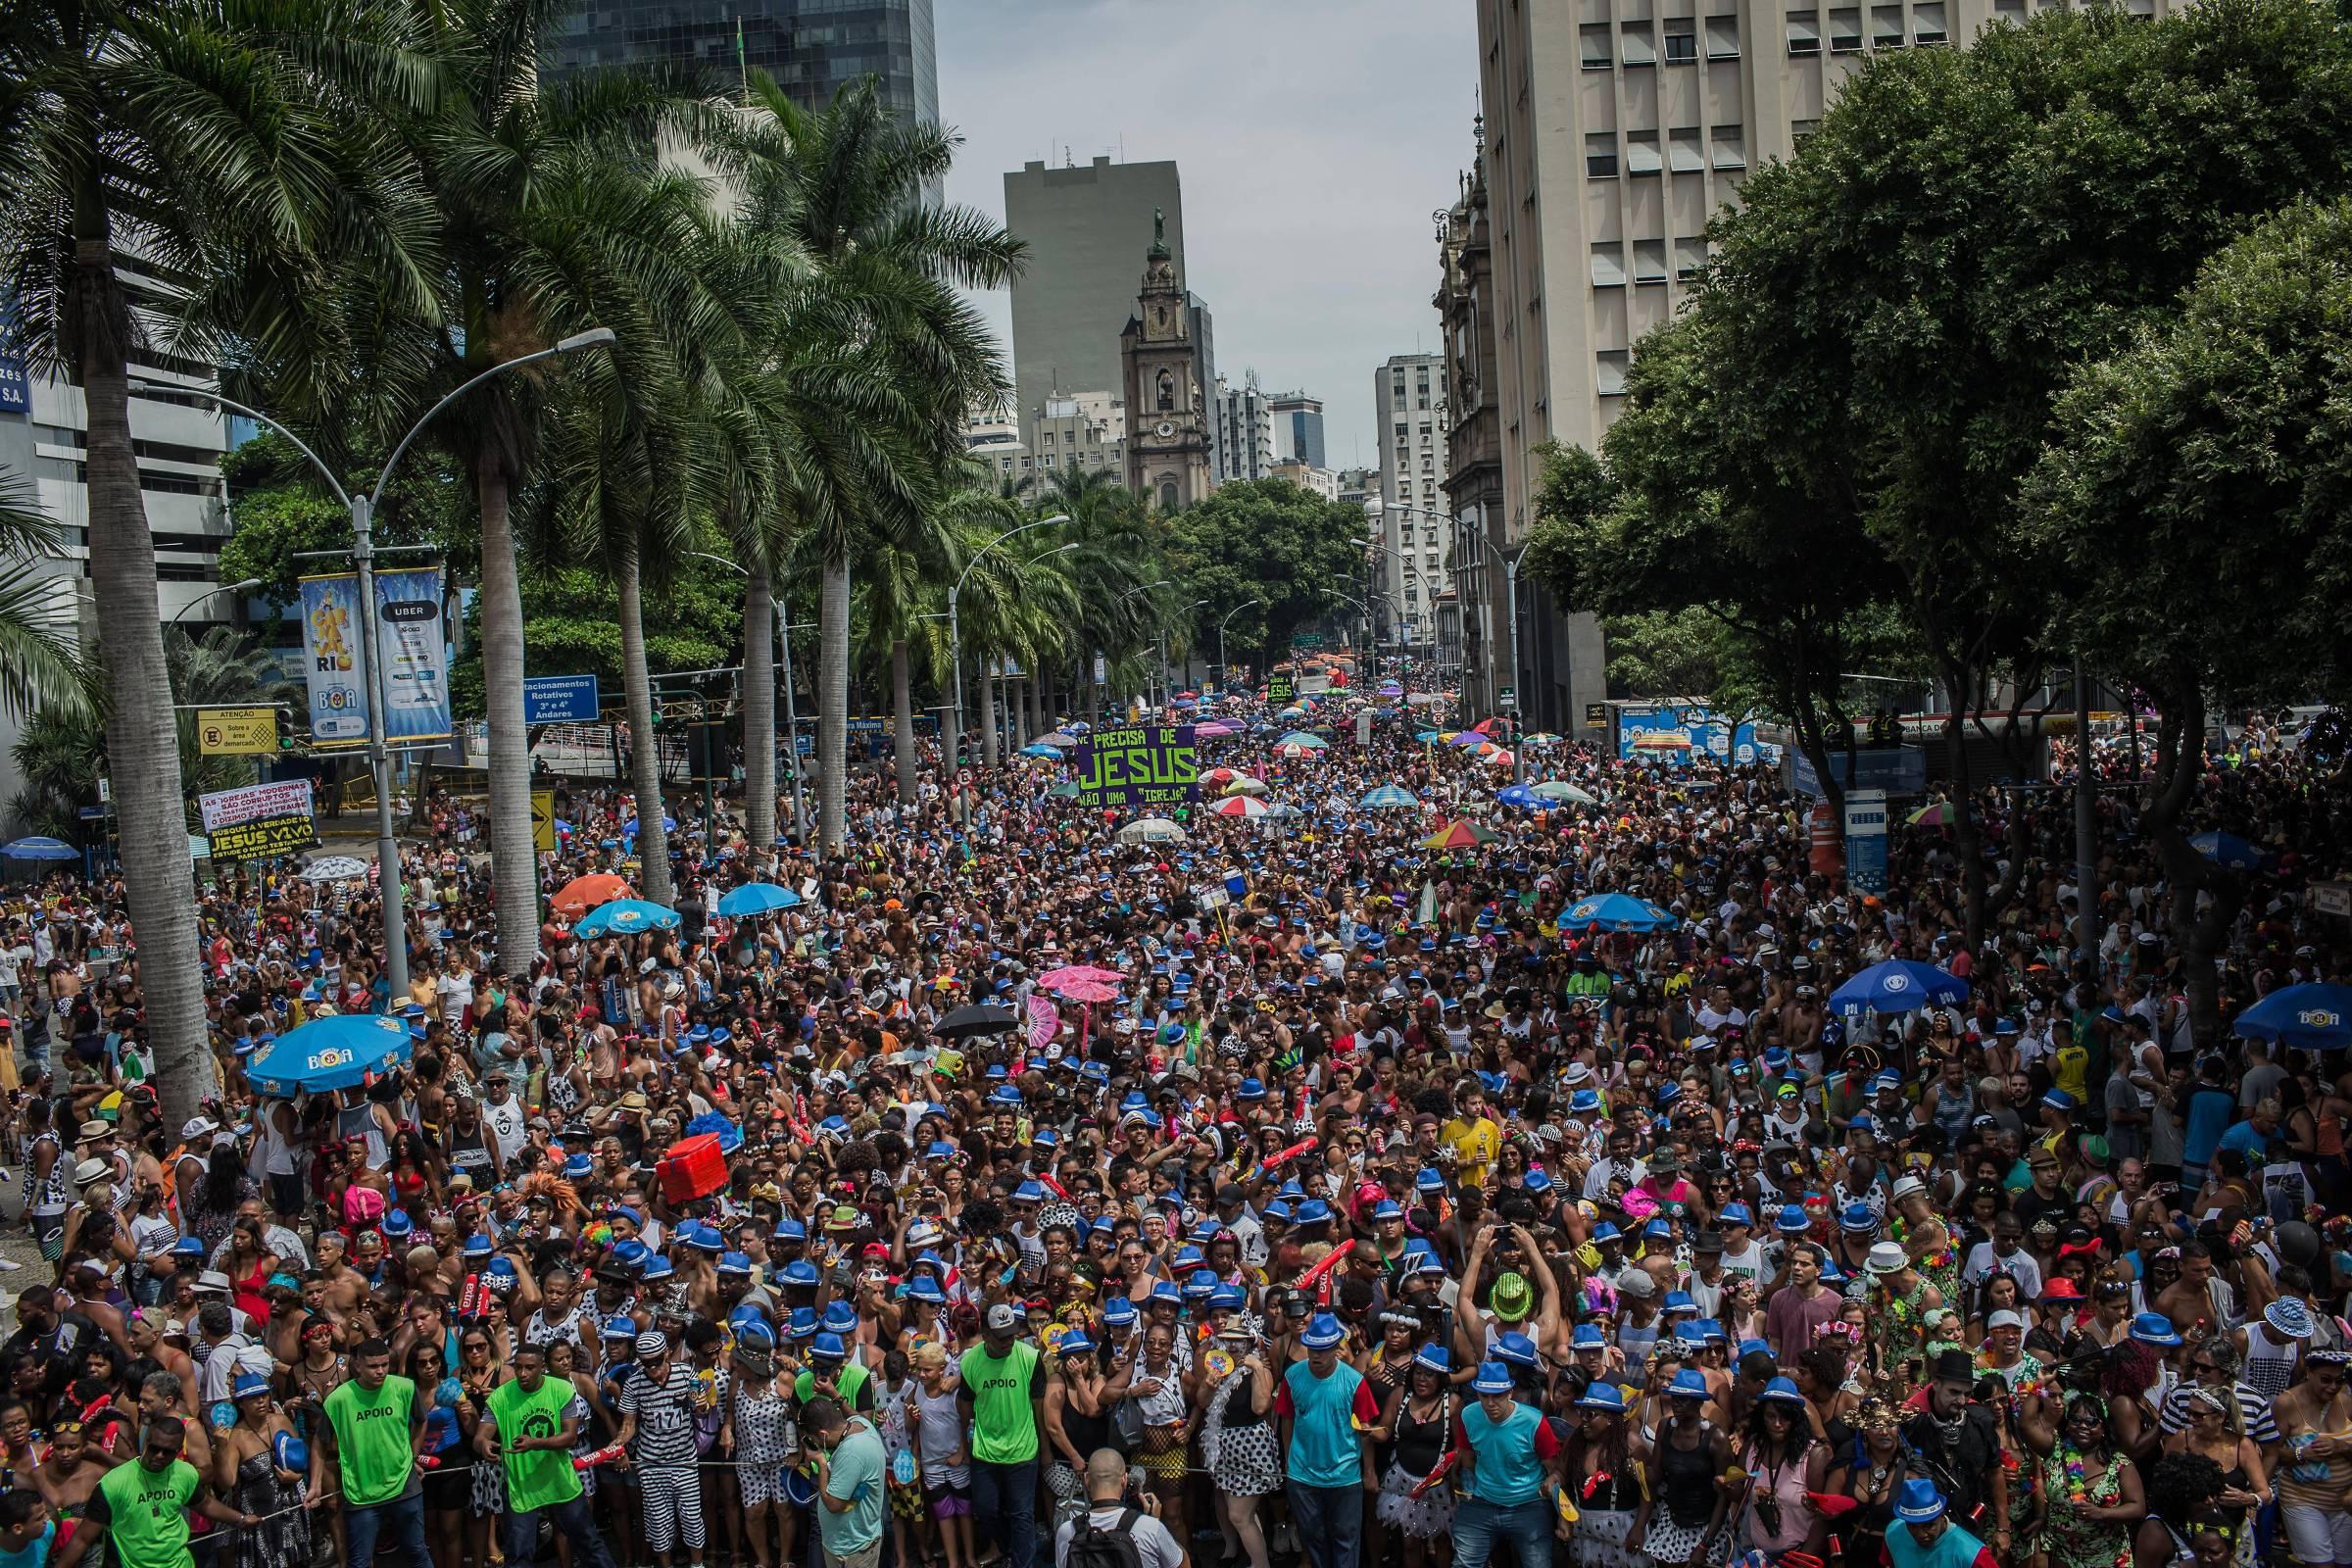 A política é uma folia - Folha de S.Paulo